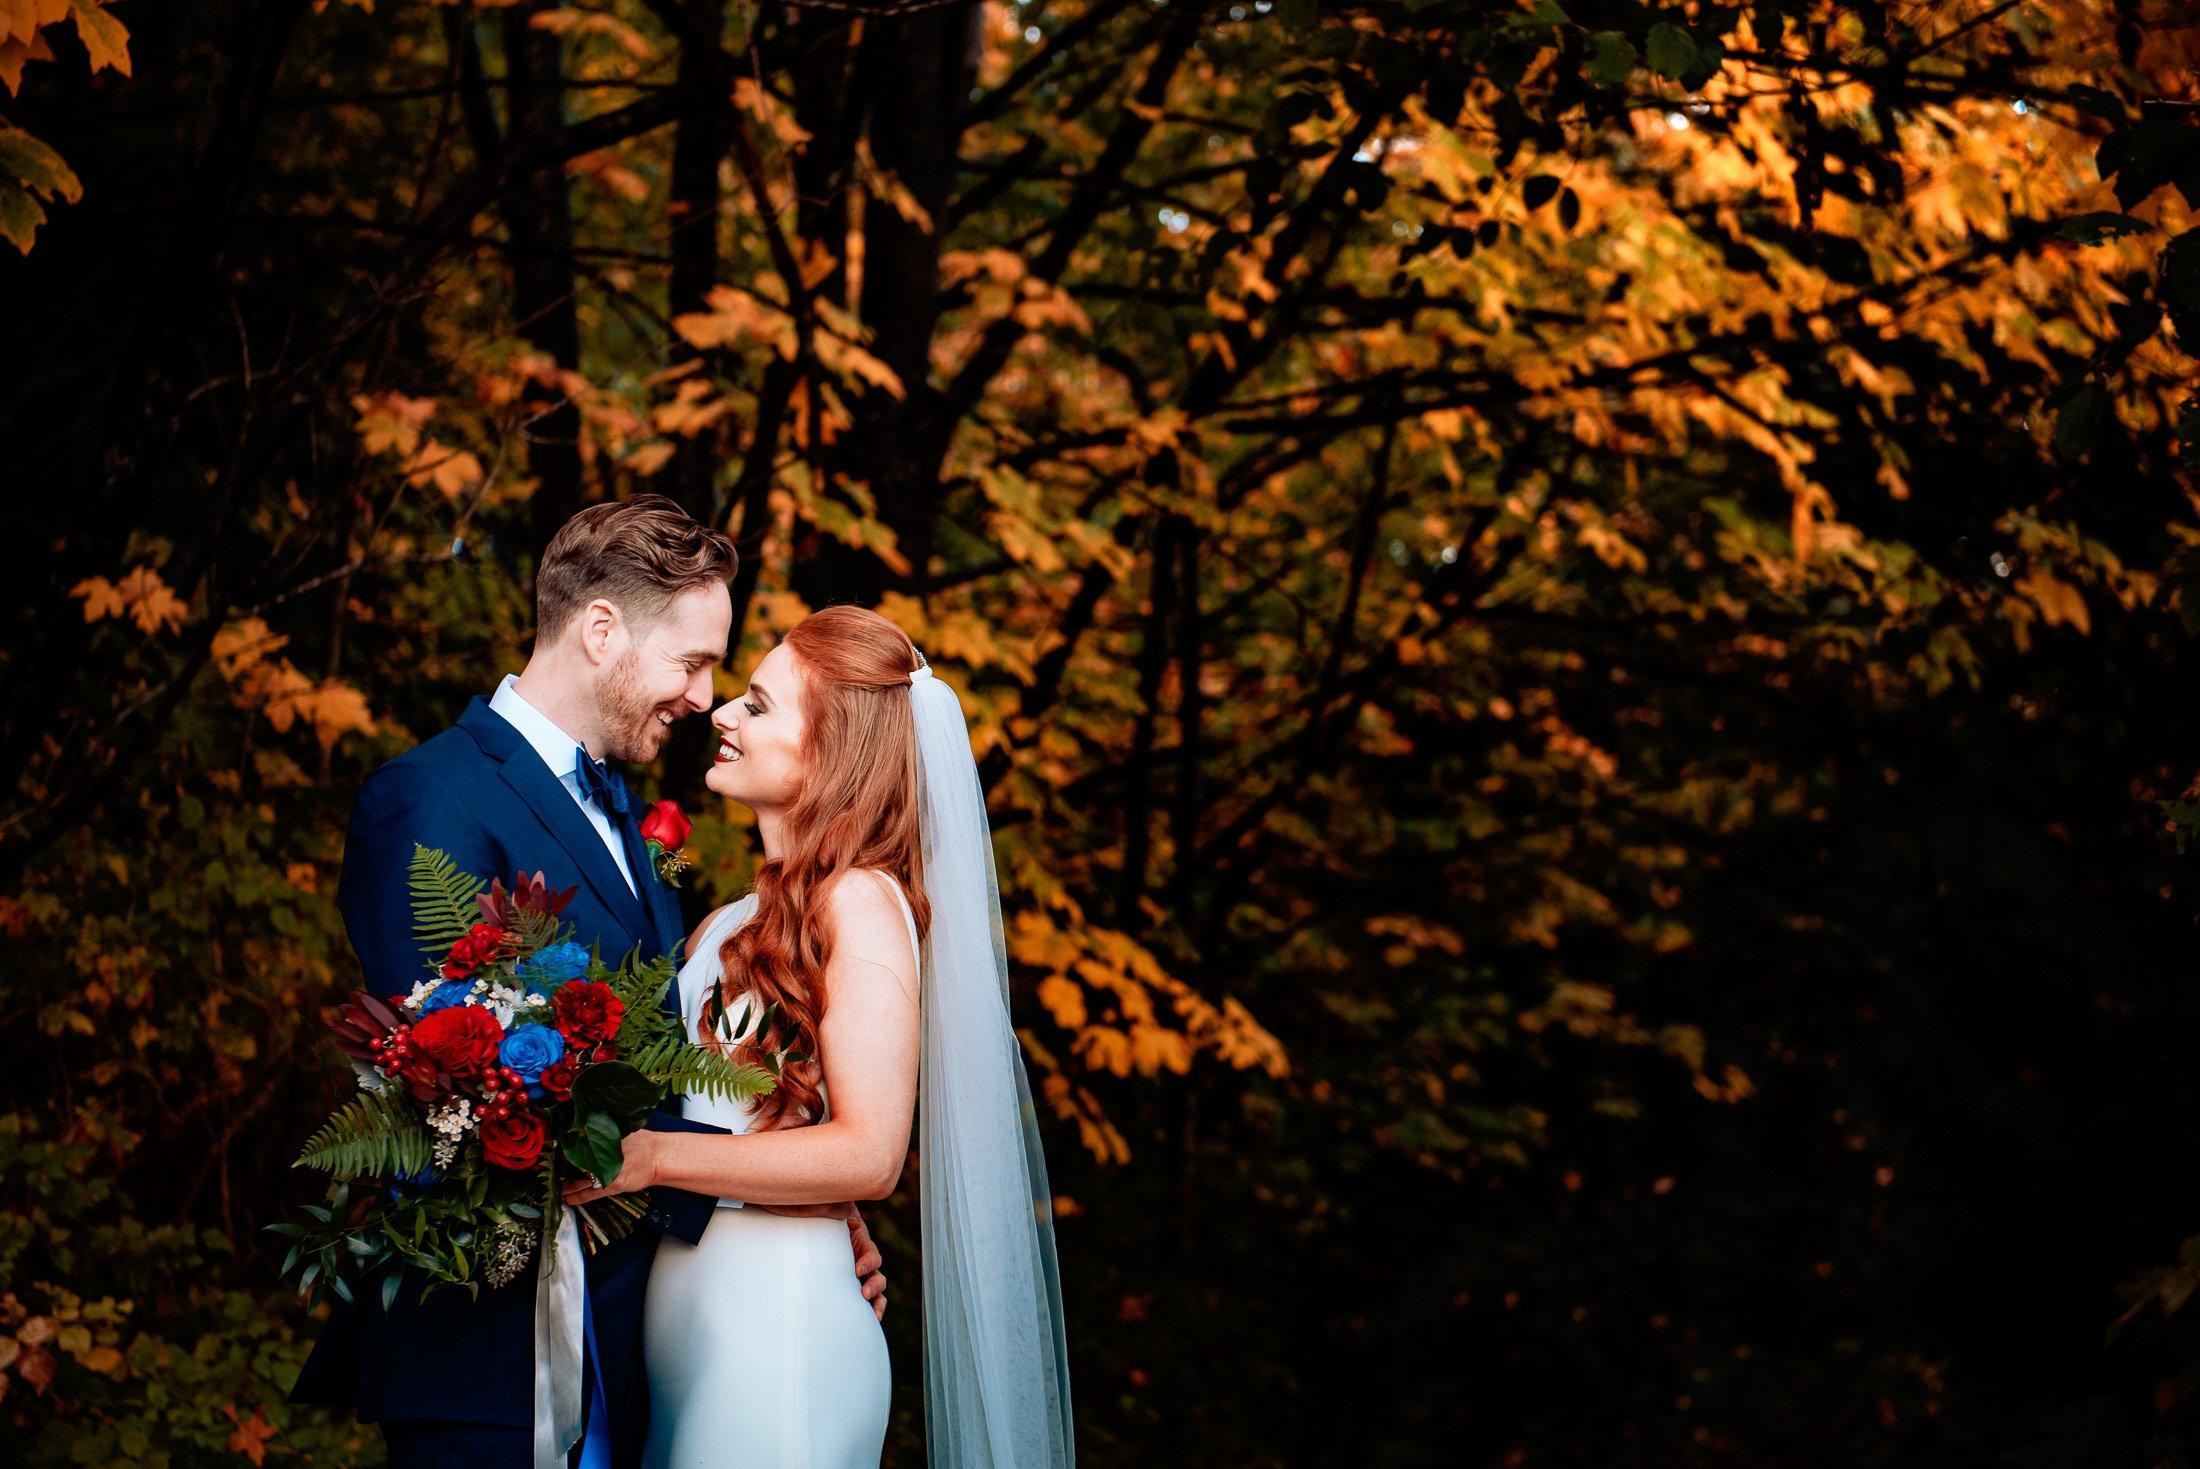 035 - autumn wedding photos vancouver